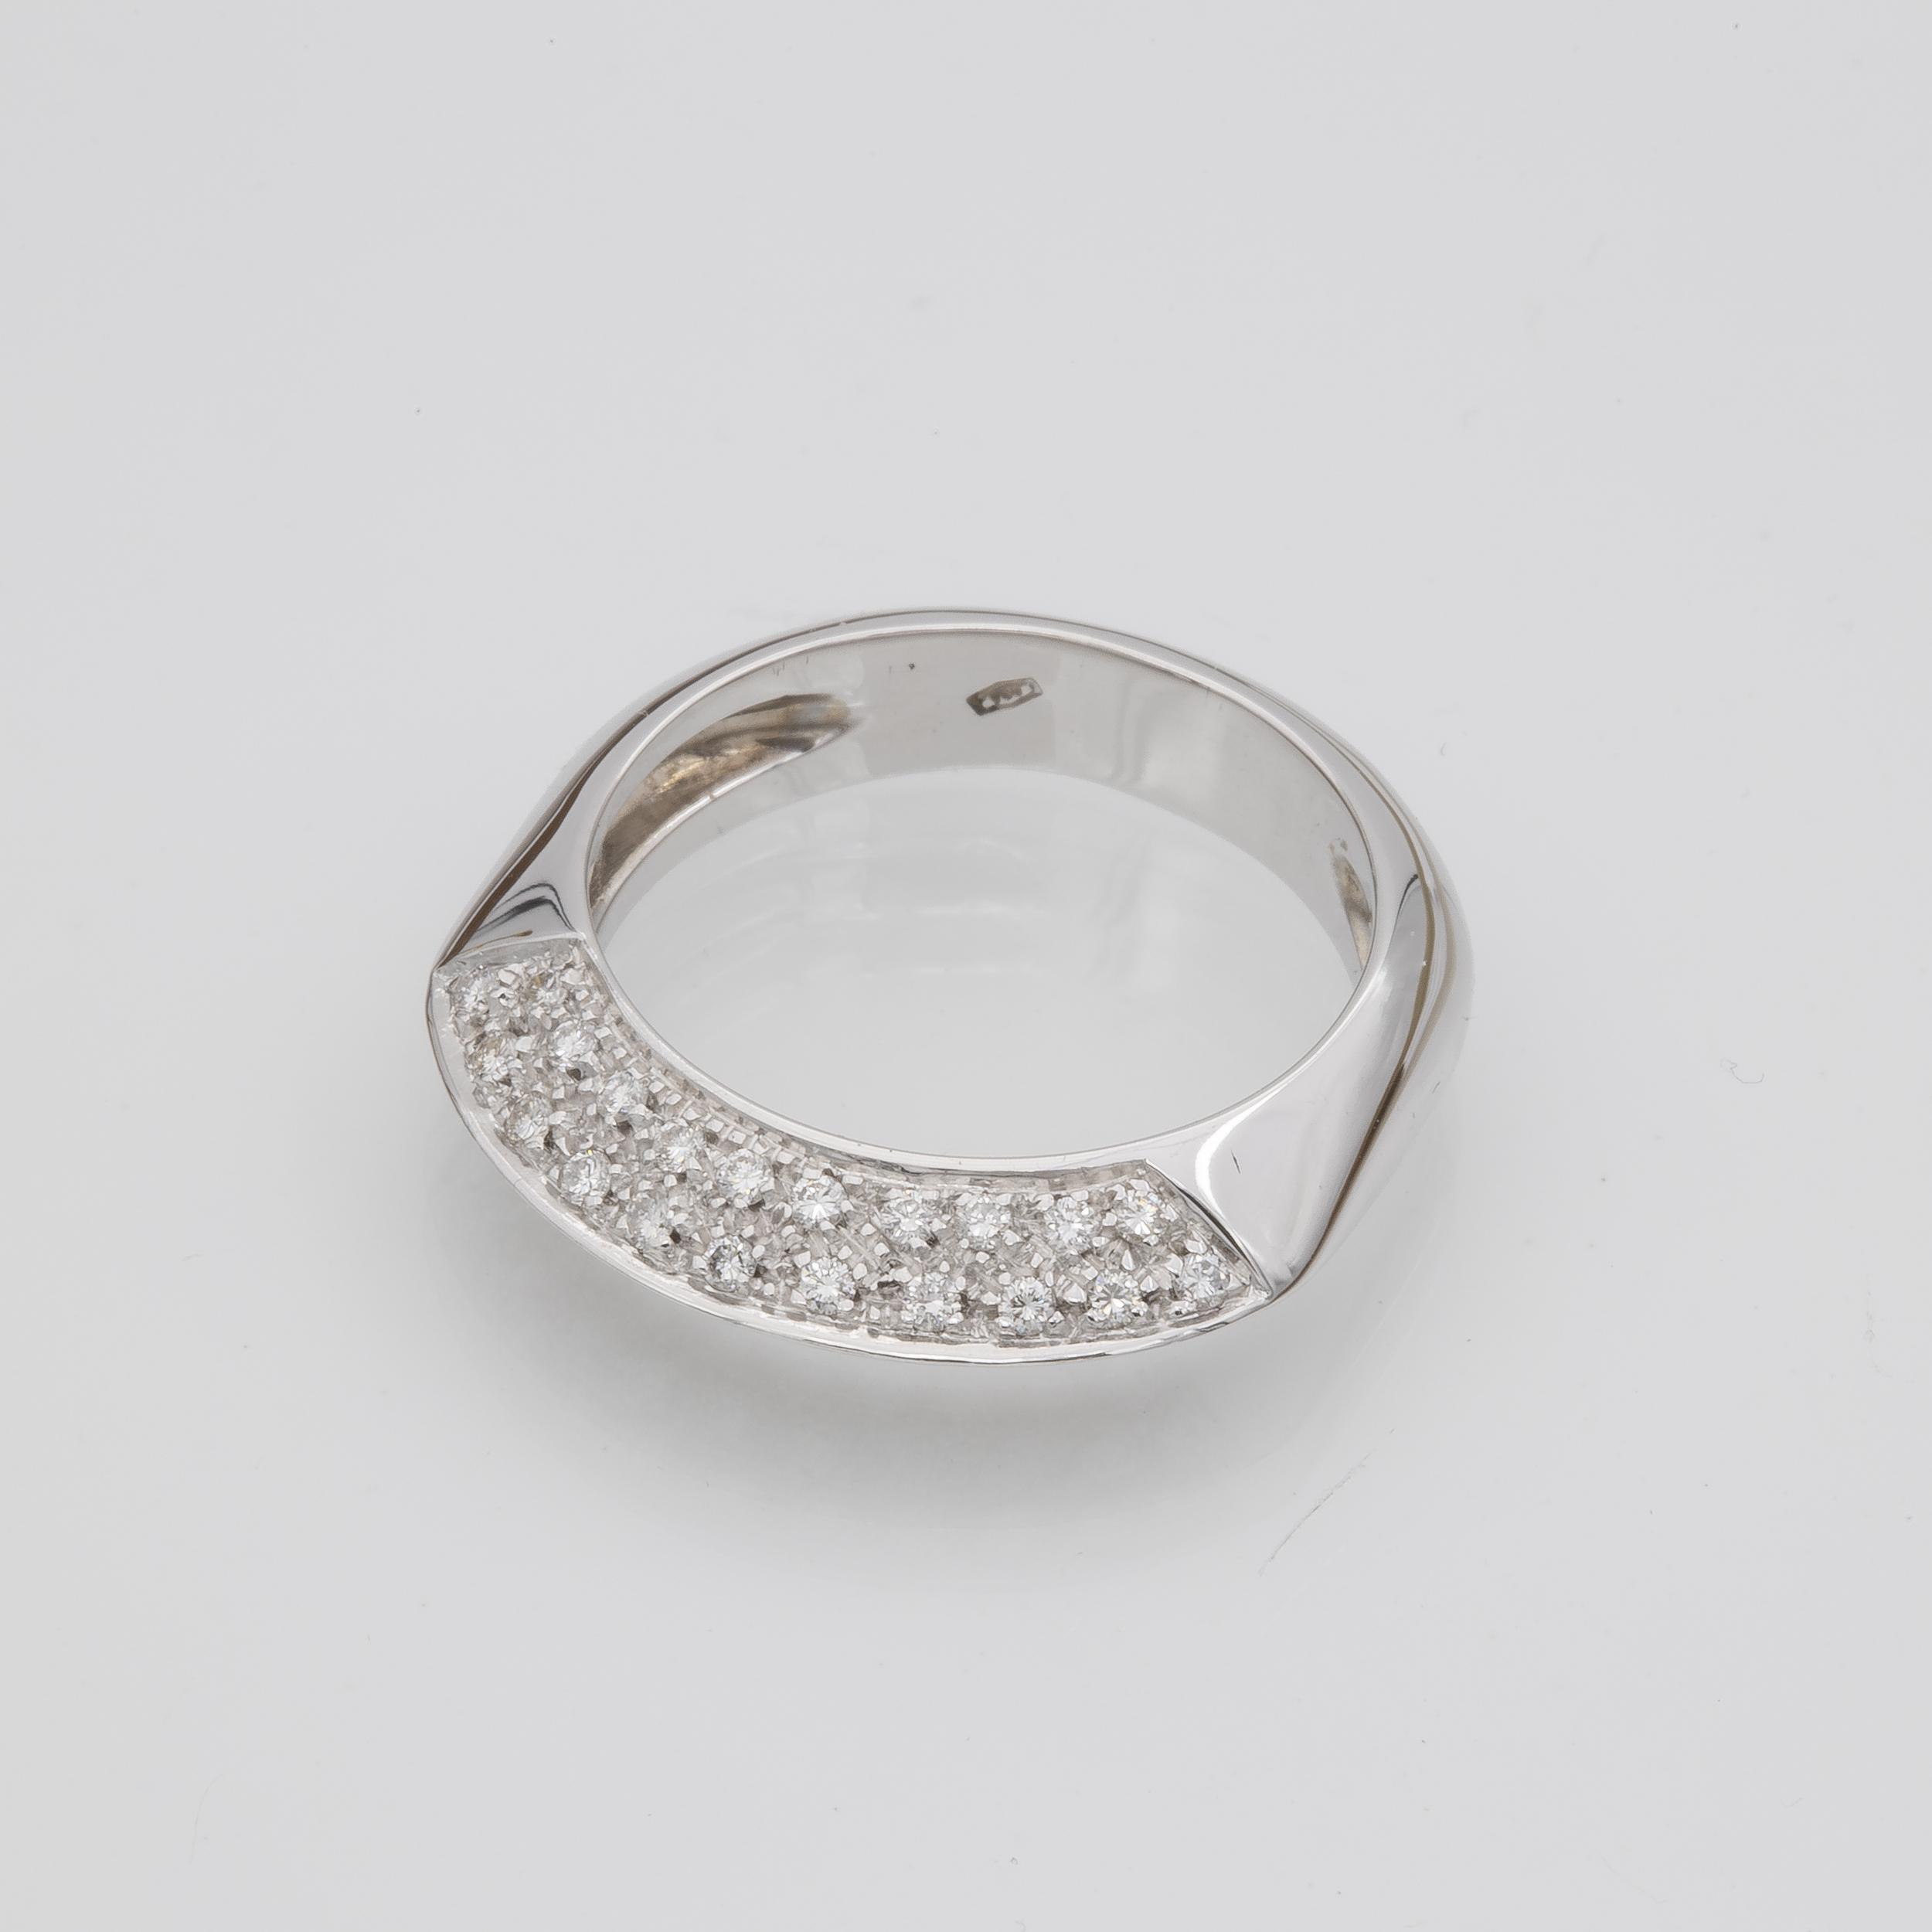 Bague pavage diamants sur deux pans